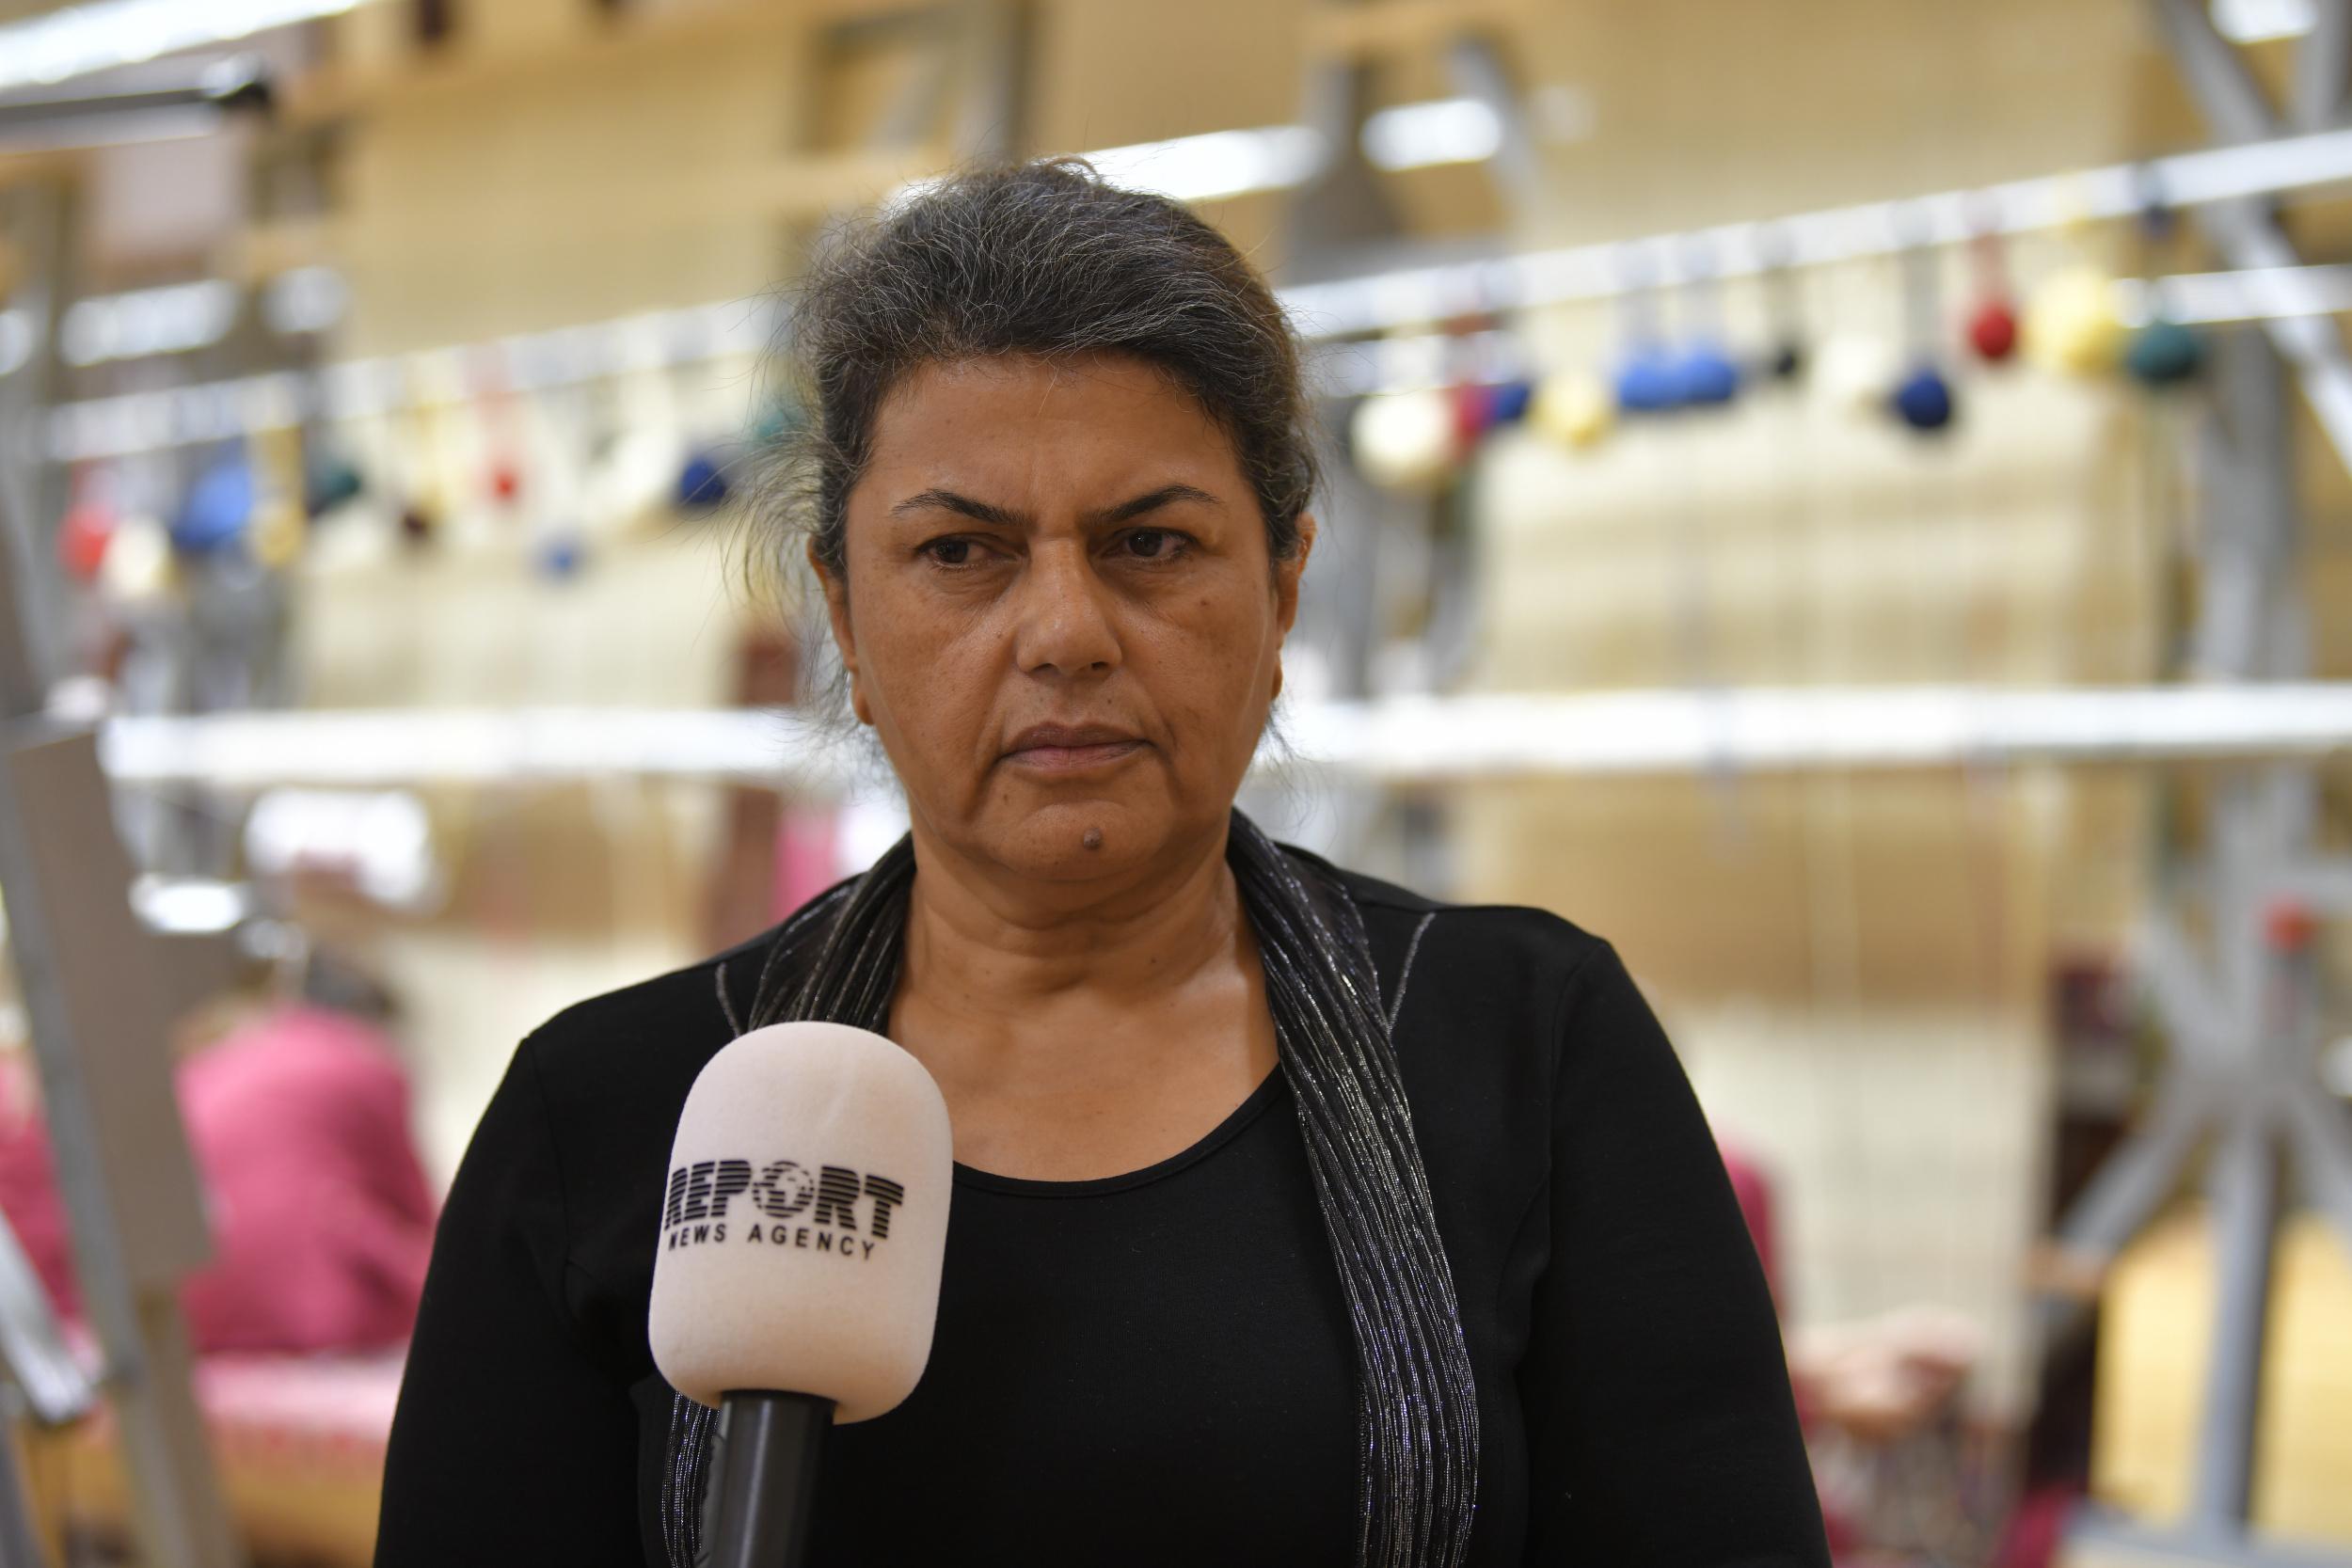 Nargilə Məmmədova